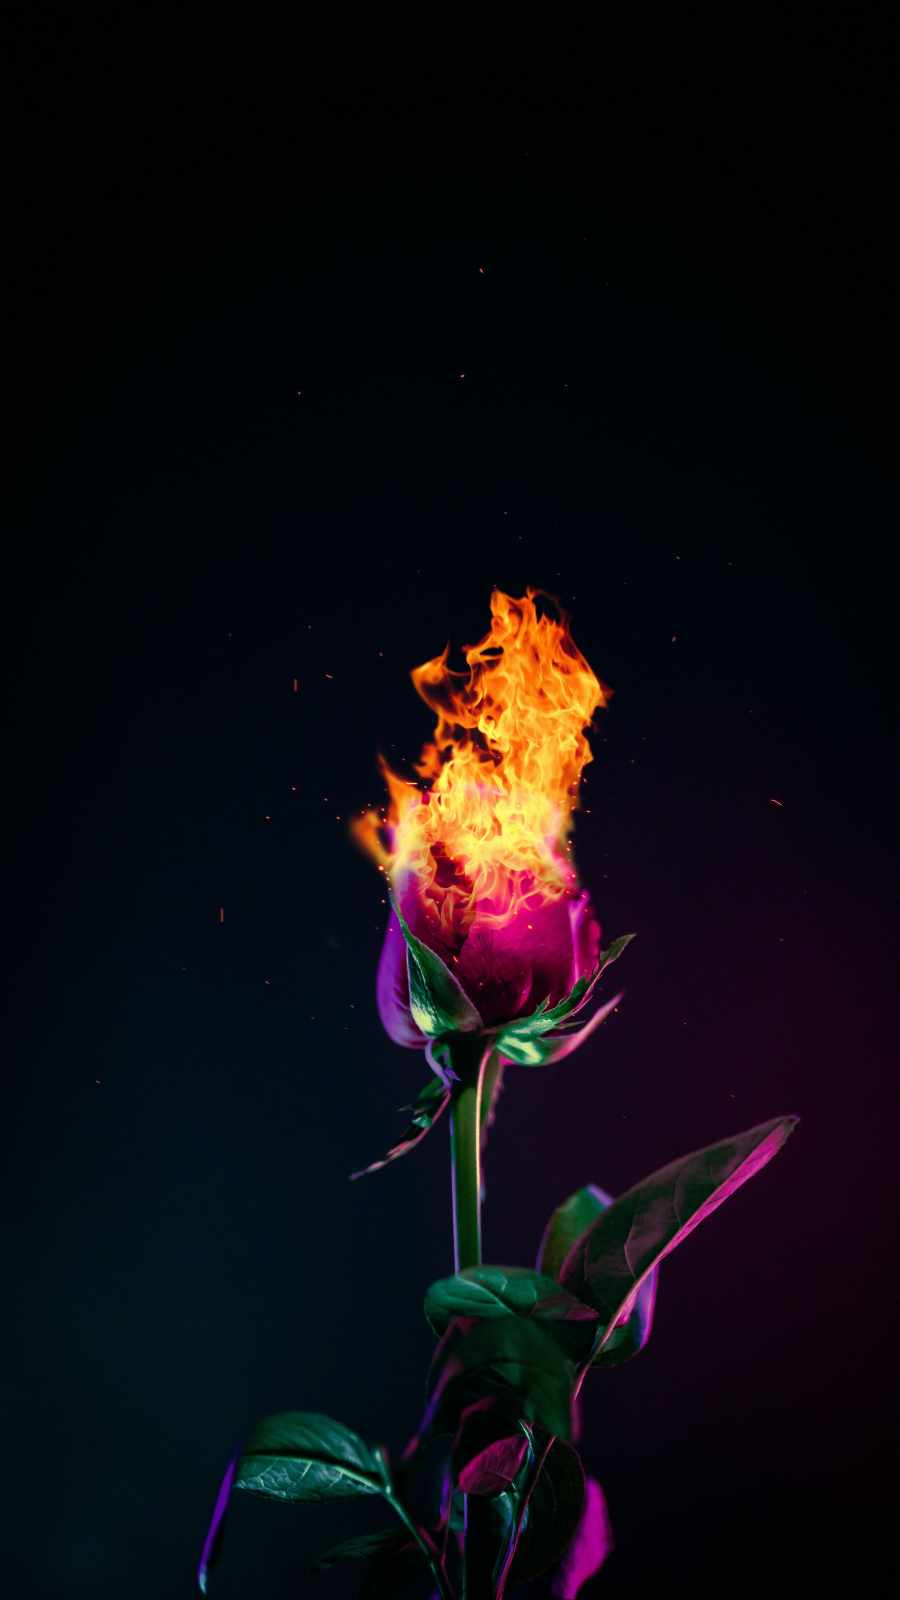 Burning Rose Wallpaper